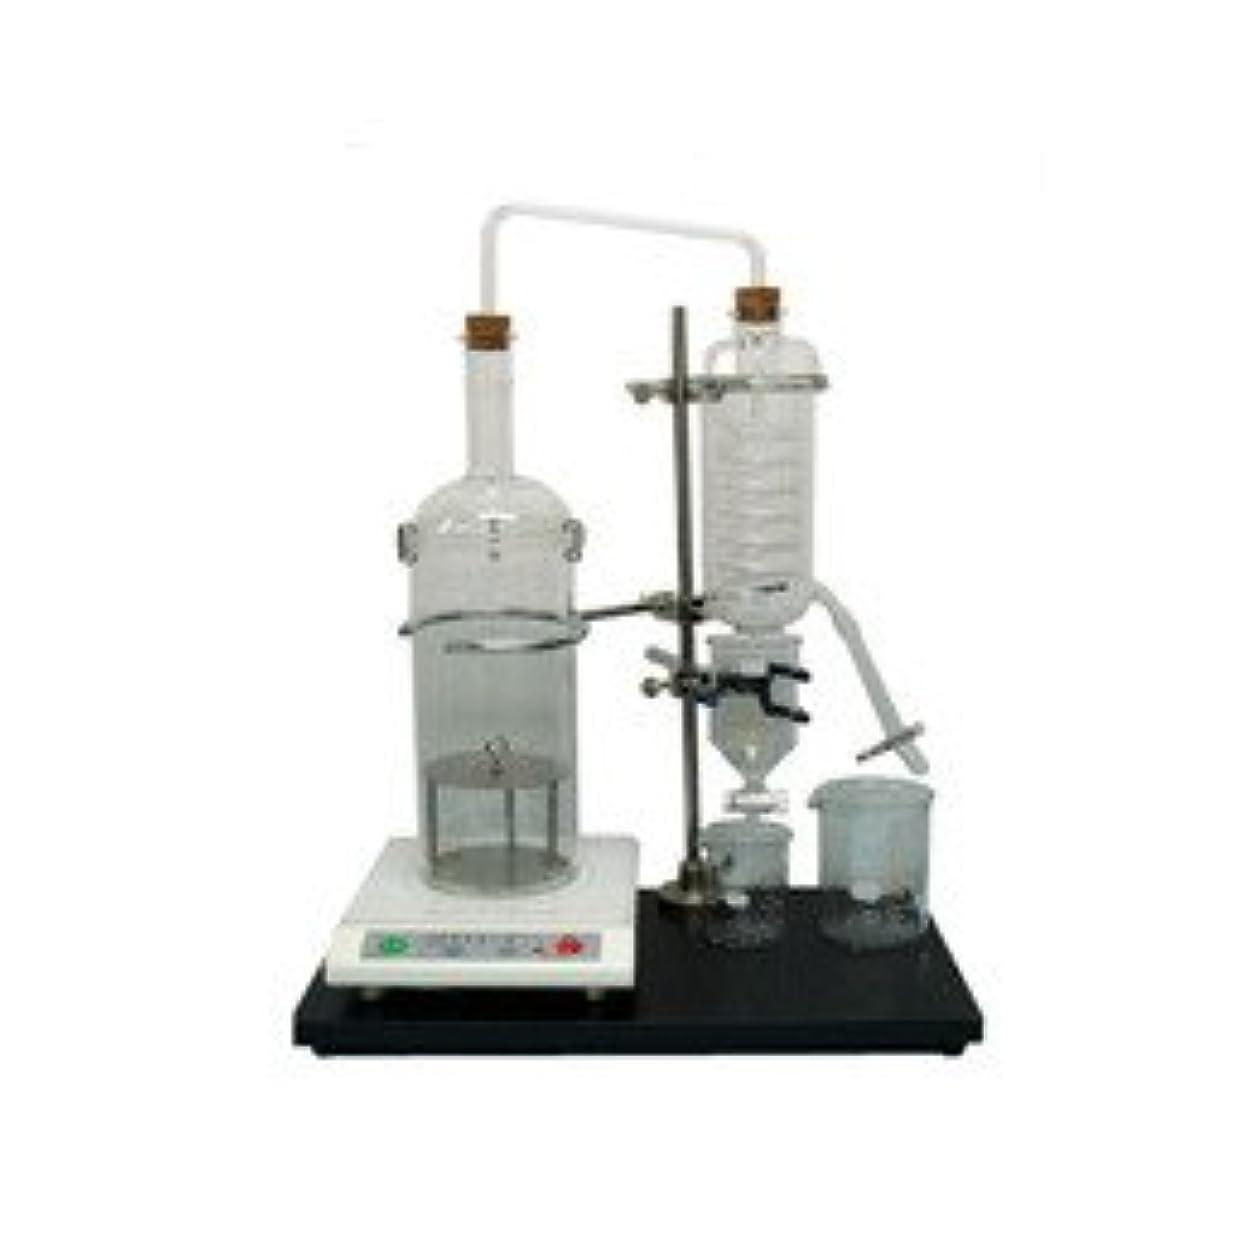 ハーブオイルメーカー (エッセンシャルオイル抽出器) スタンダードタイプ